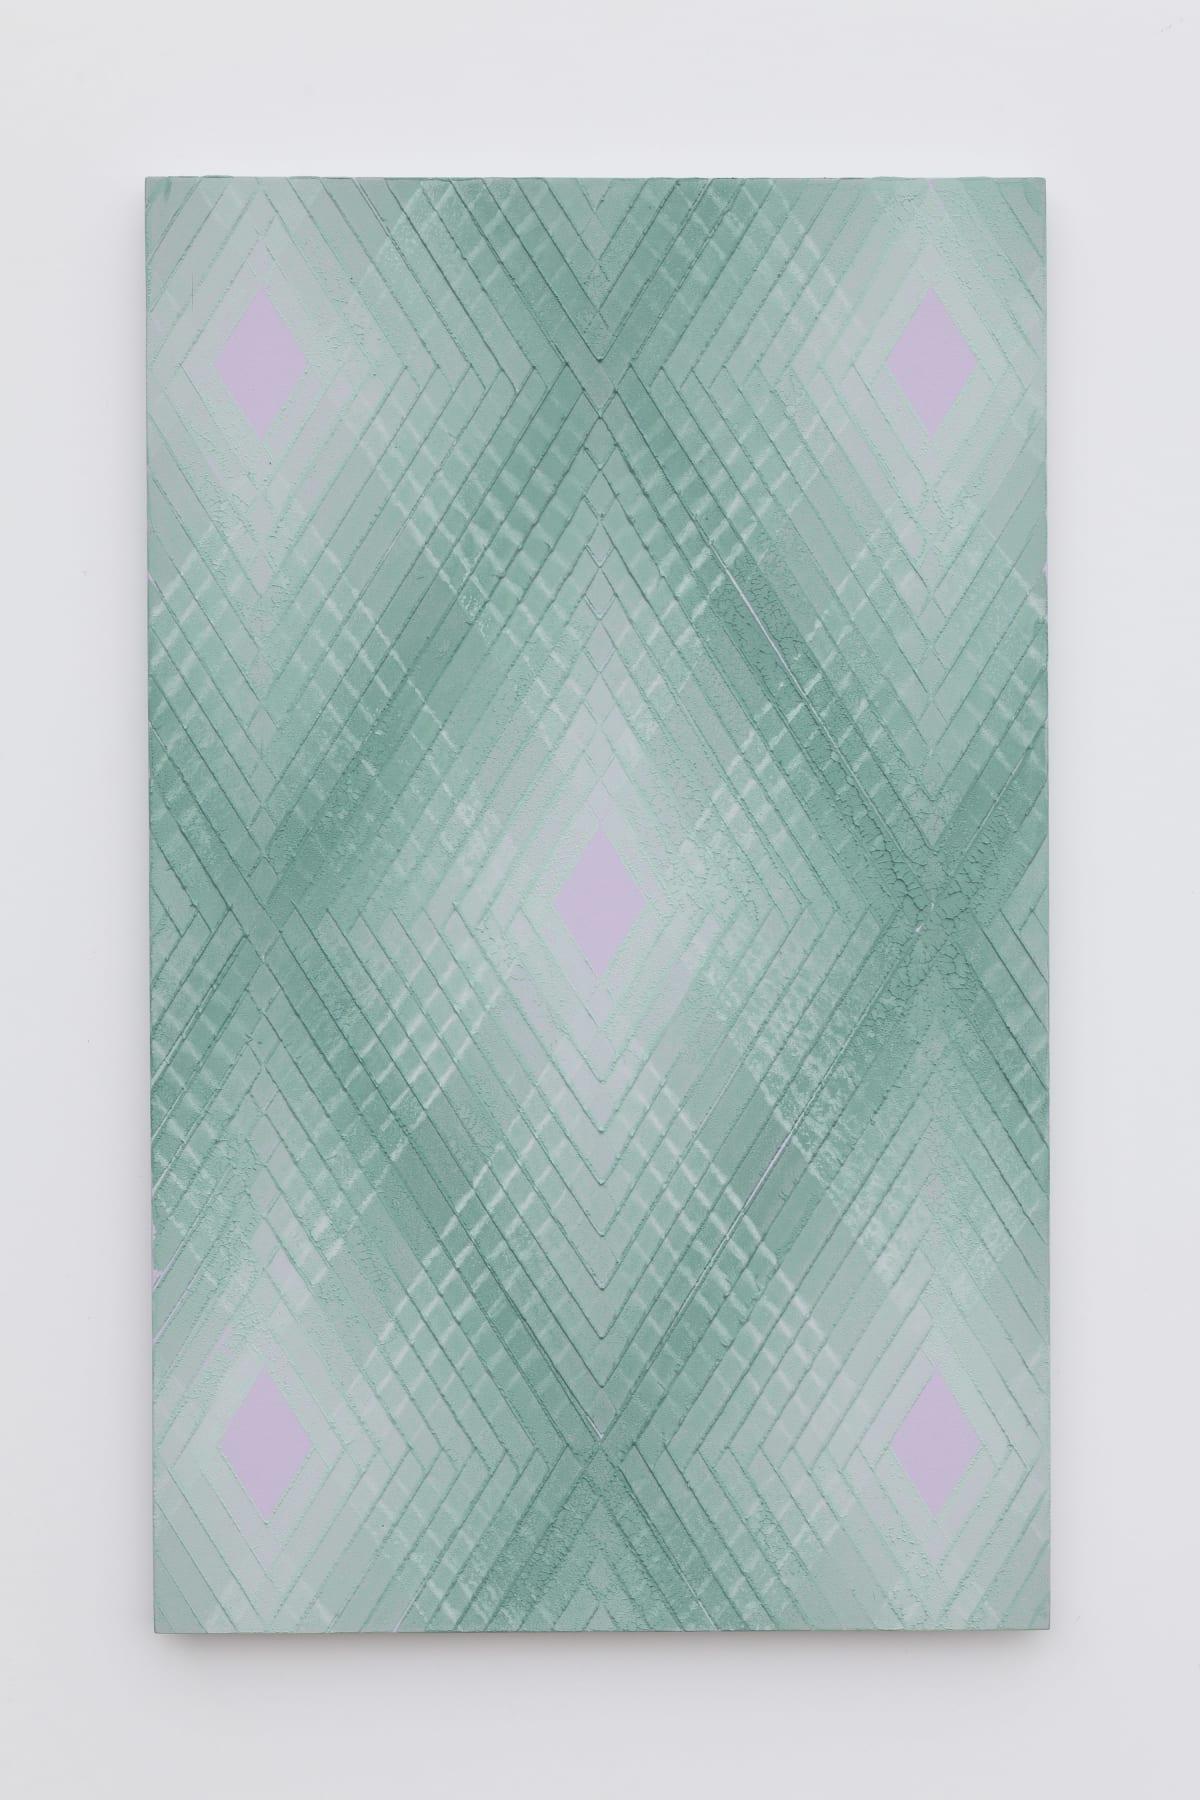 Will Cruickshank, Green on violet 2, 2019